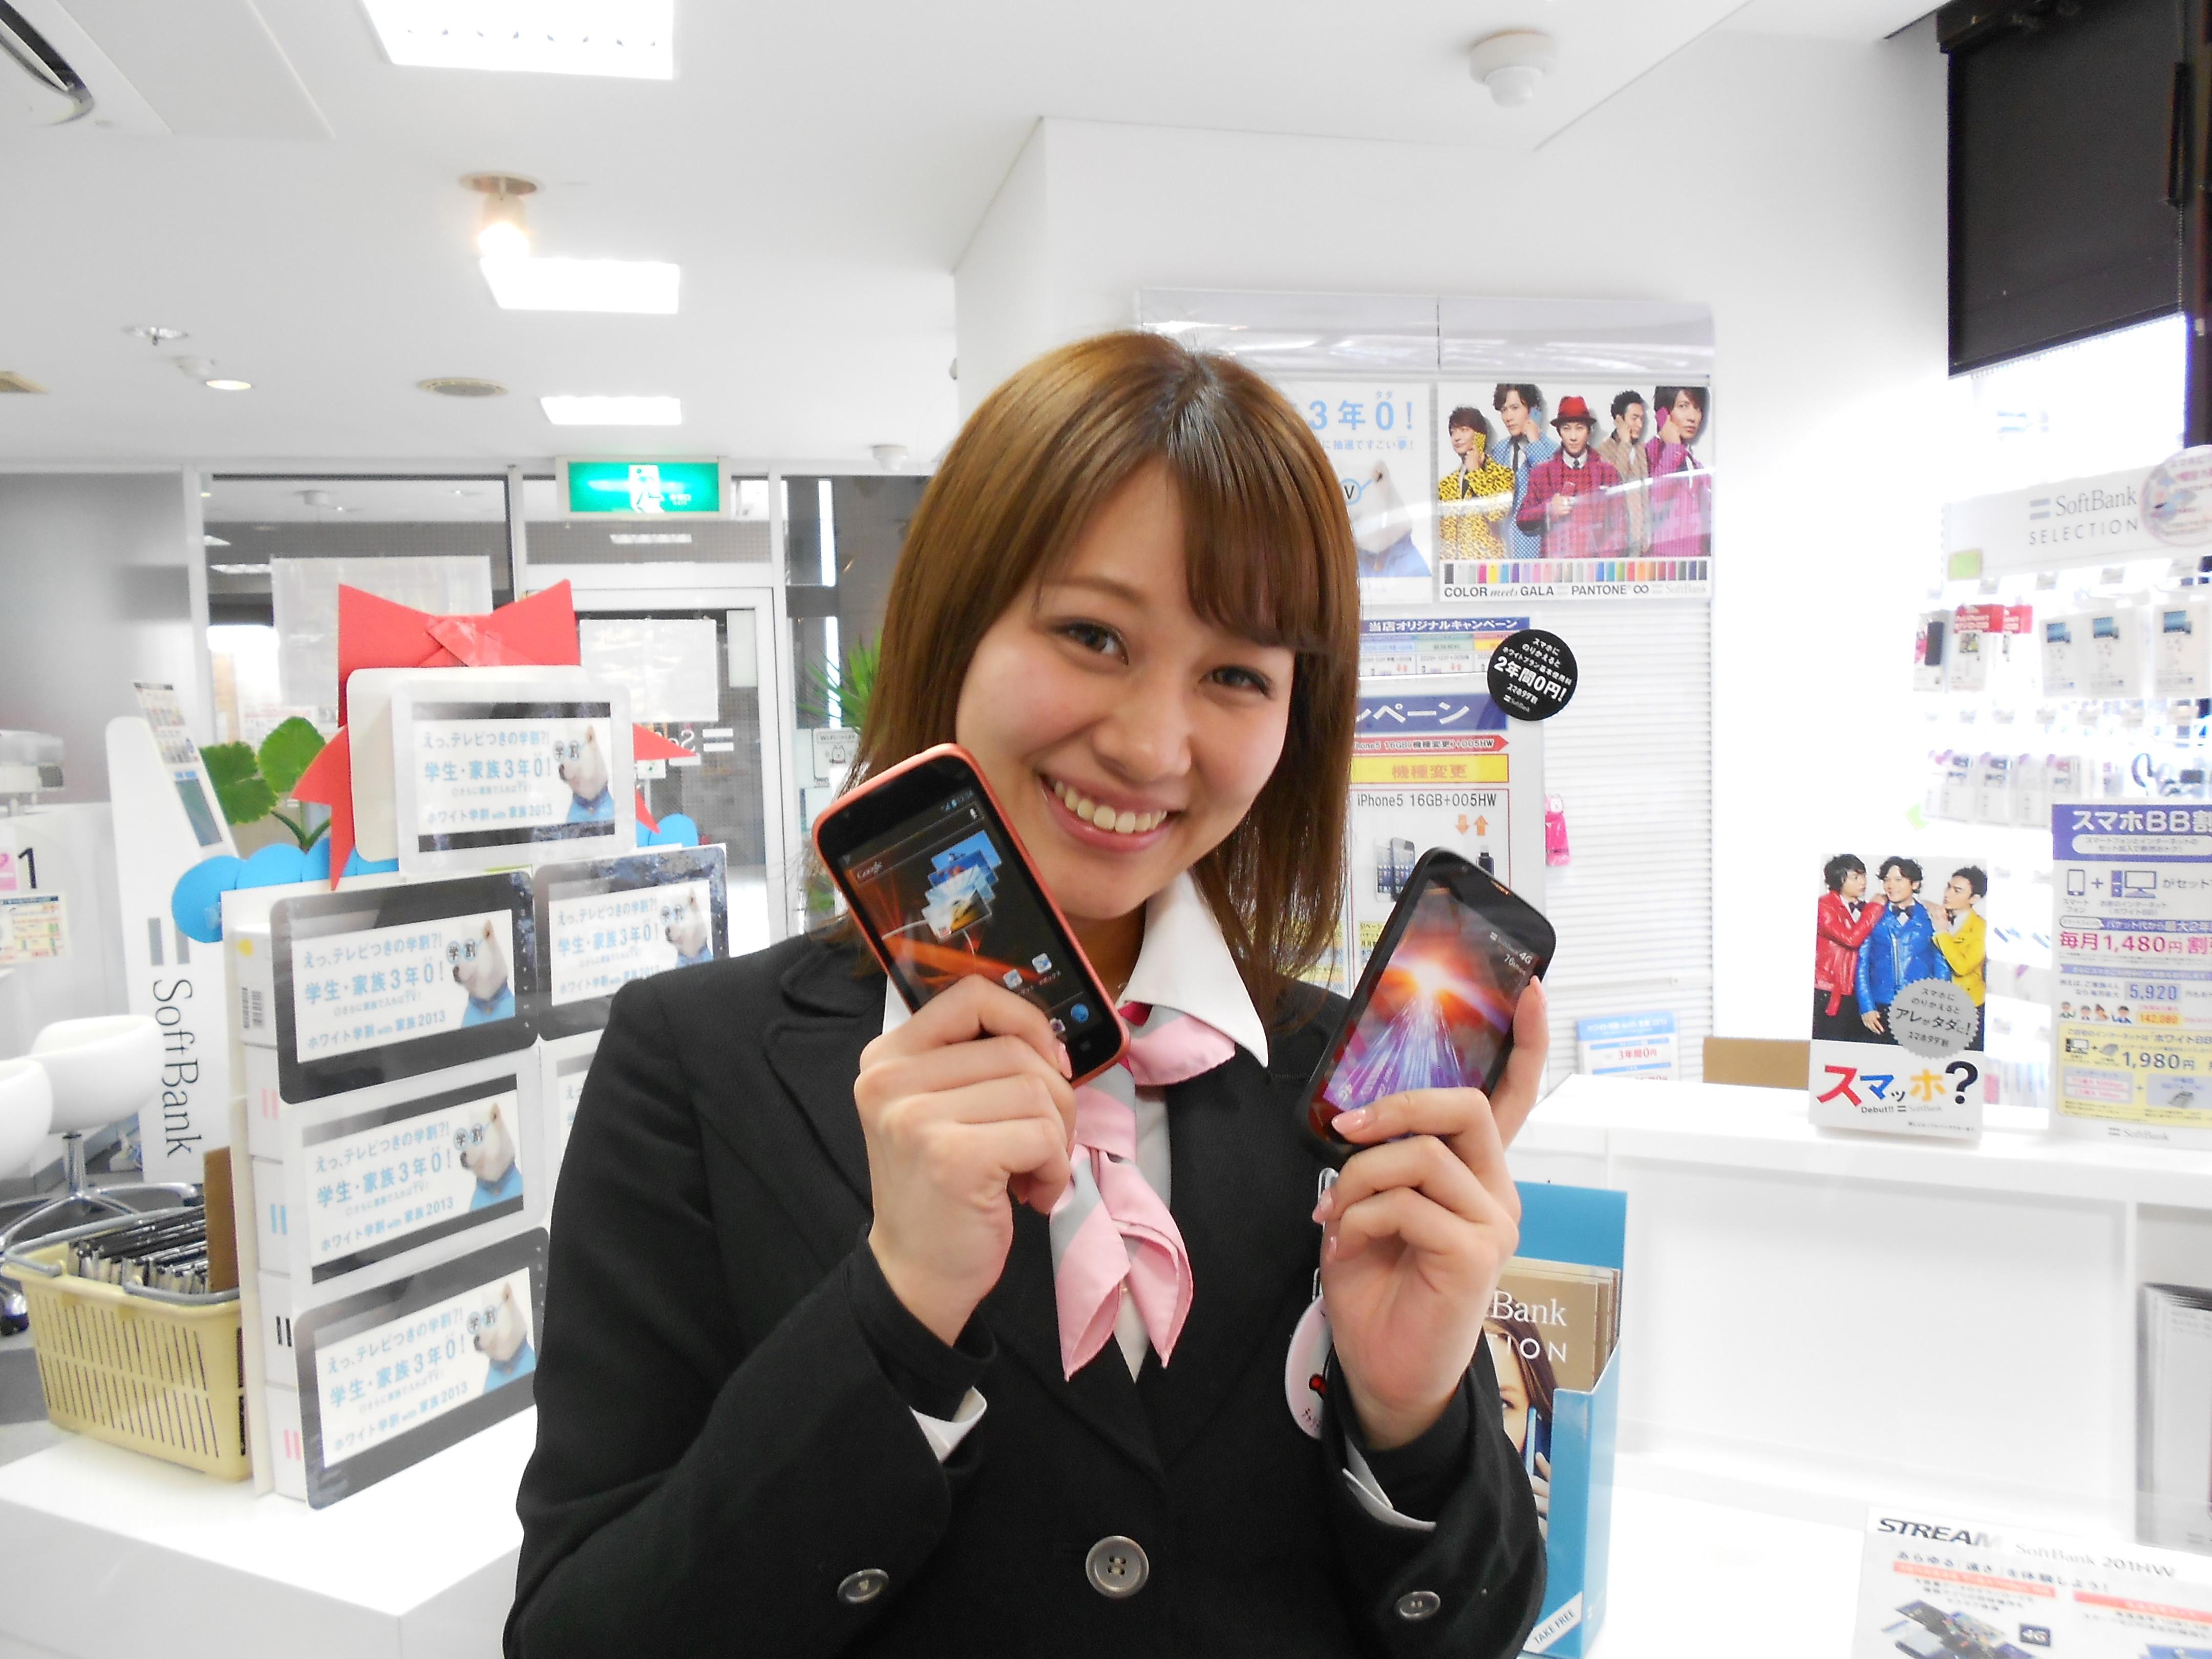 ソフトバンク 藤沢本町(株式会社シエロ)のアルバイト情報